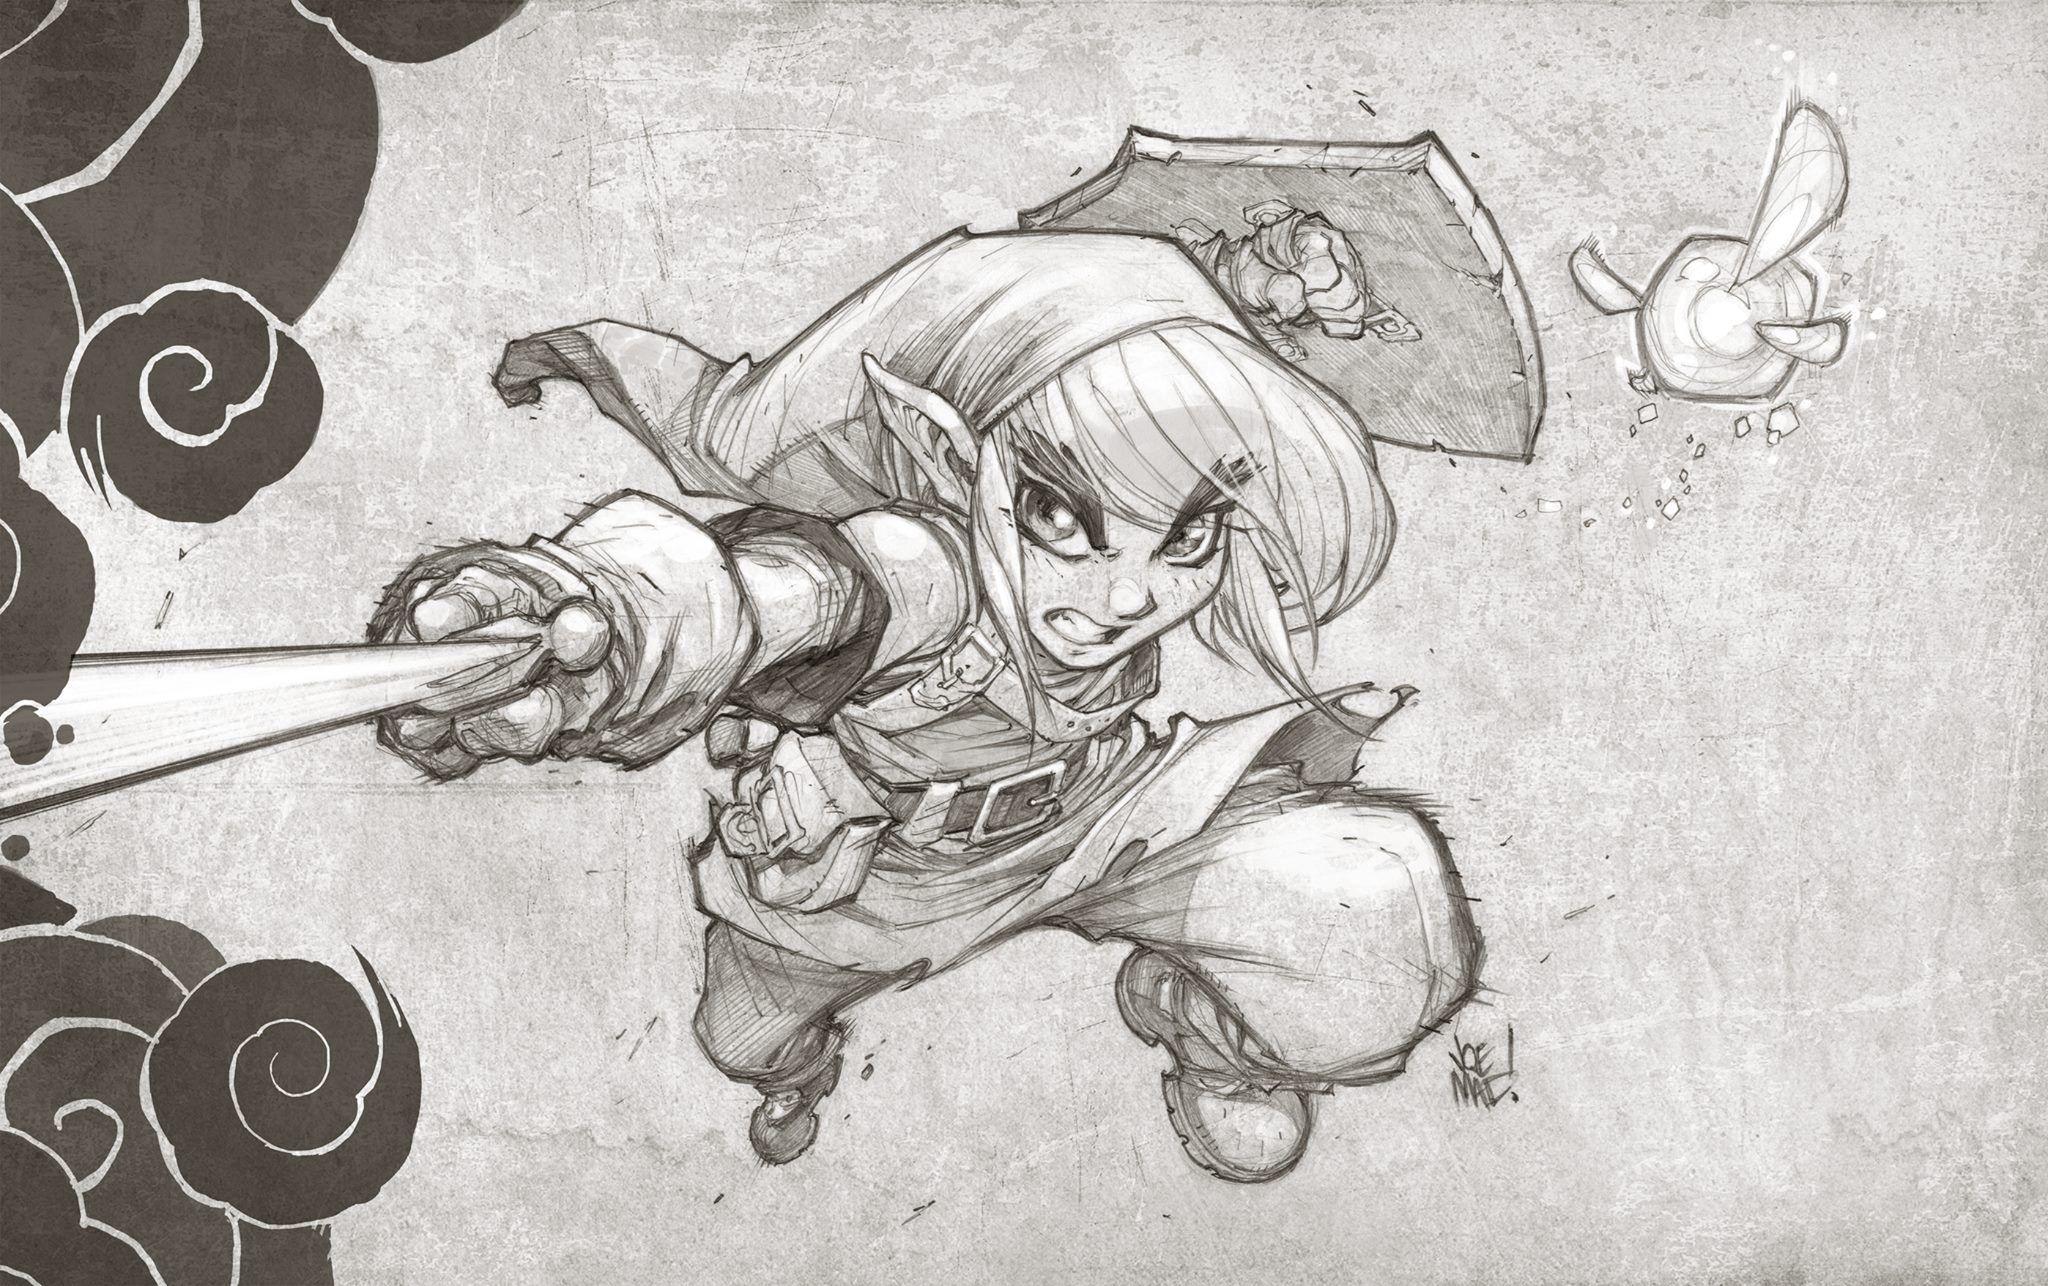 Joe Madureira Darksiders Link Zelda